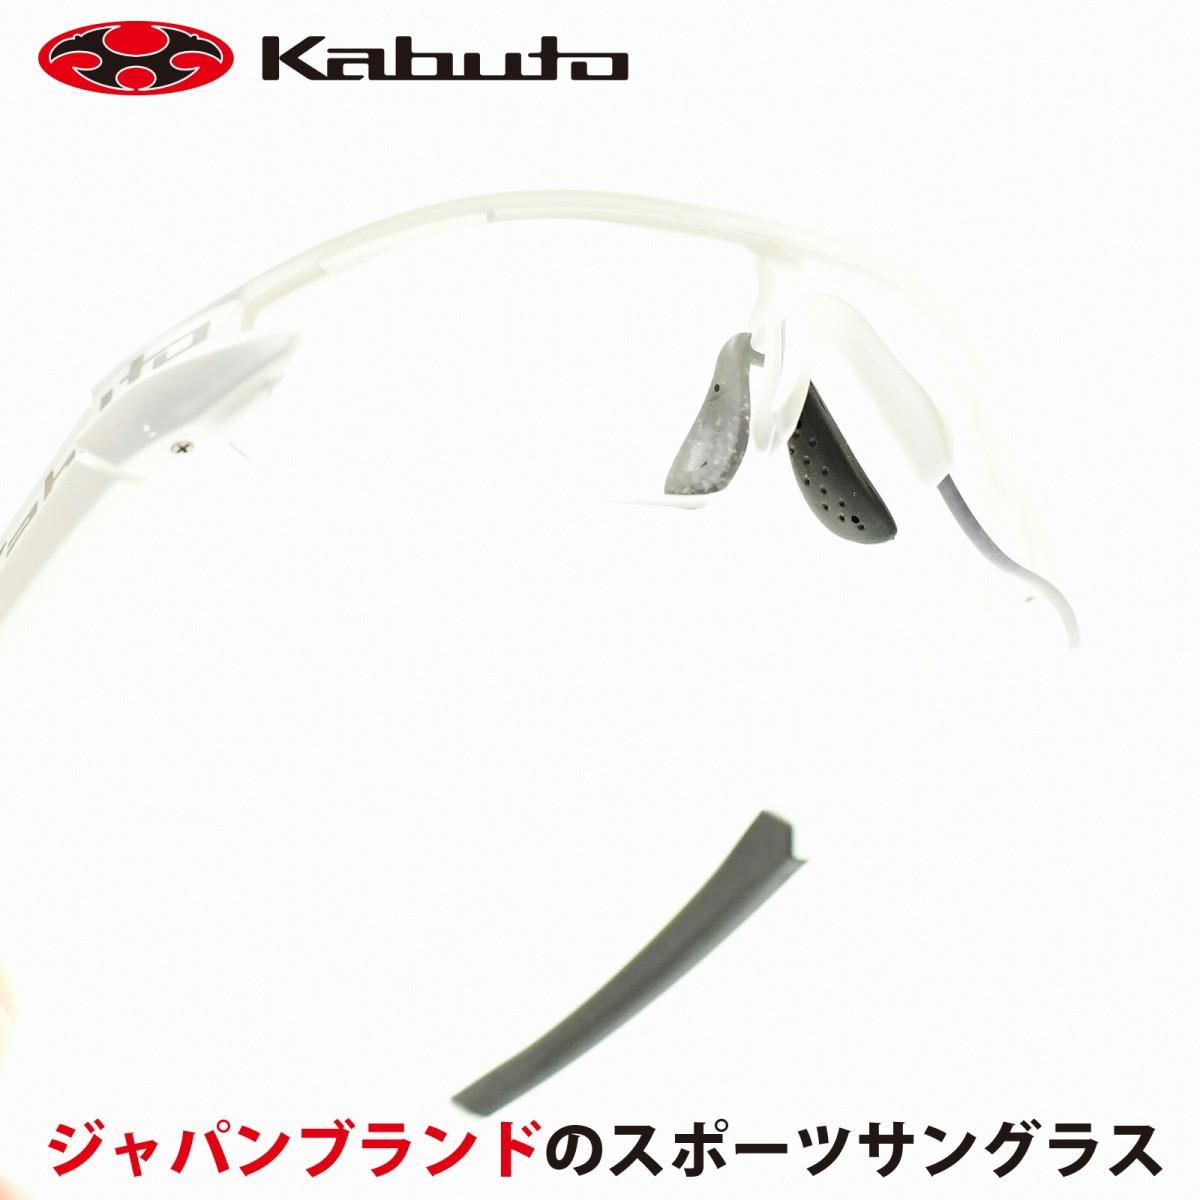 OGK KABUTO オージーケーカブト101PH Sサイズホワイト/撥水クリア調光メガネ 眼鏡 めがね メンズ レディース おしゃれ ブランド人気 おすすめ フレーム 流行り 度付き レンズ サングラス スポーツ